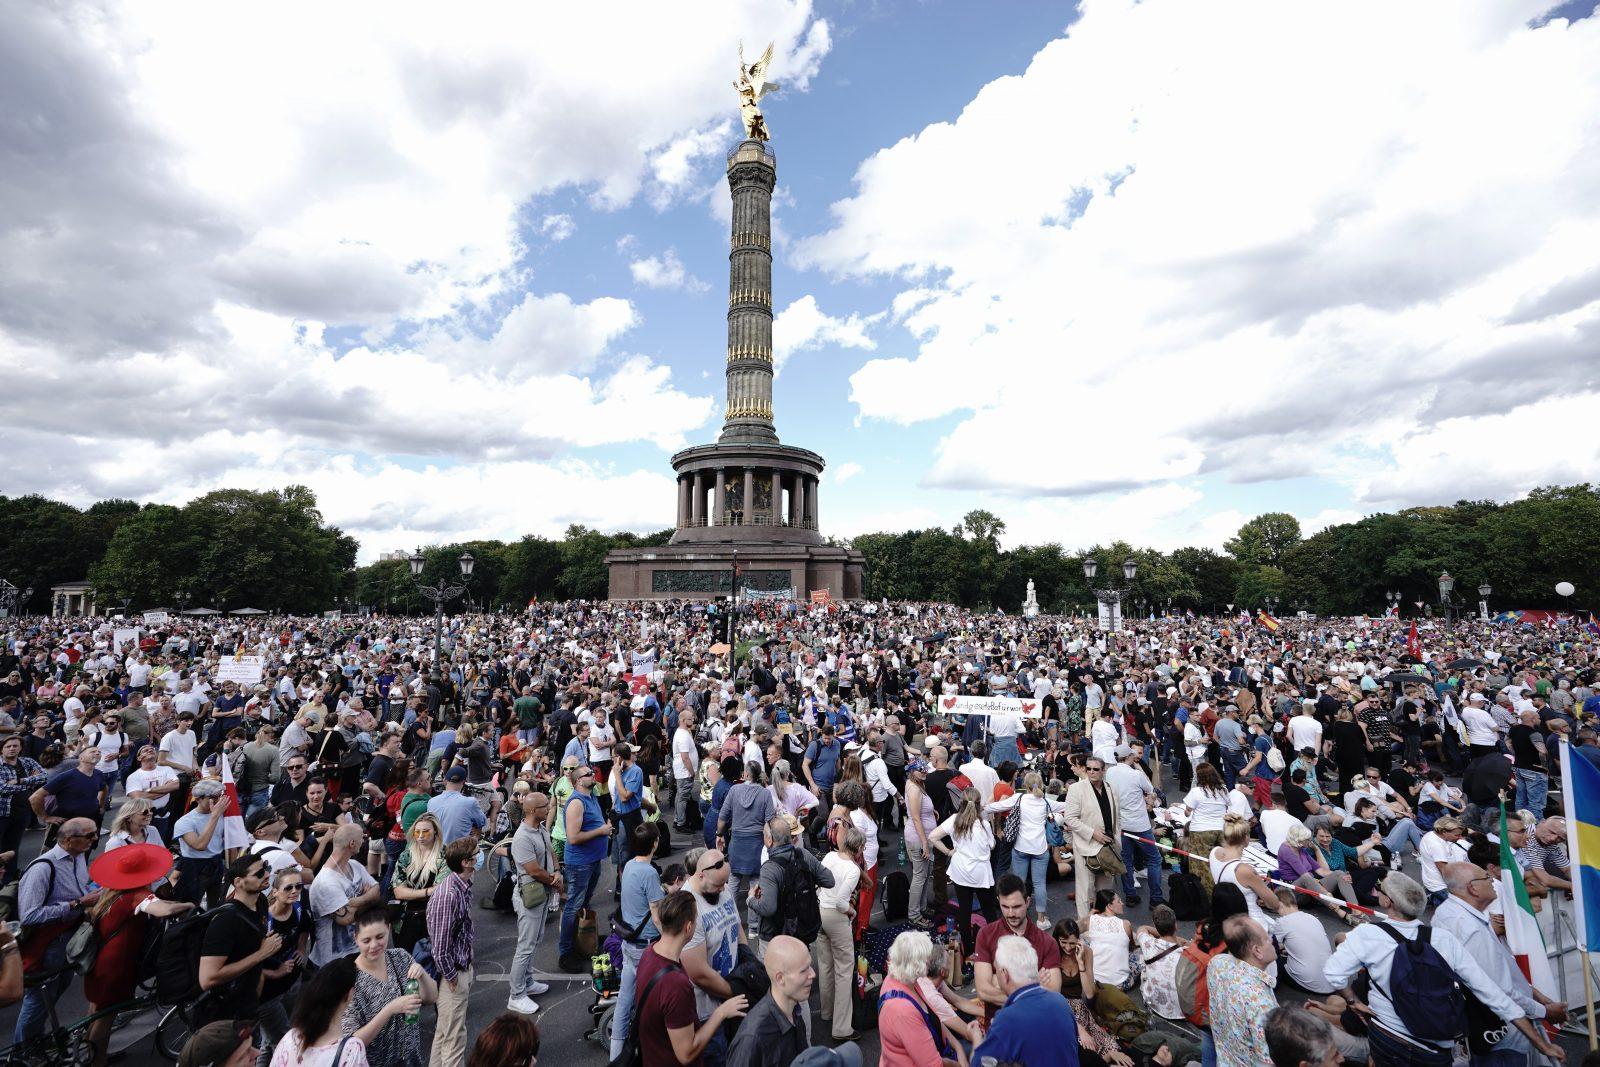 Die Abschlußkundgebung der Corona-Proteste findet rund um die Siegessäule statt Foto: picture alliance/Michael Kappeler/dpa